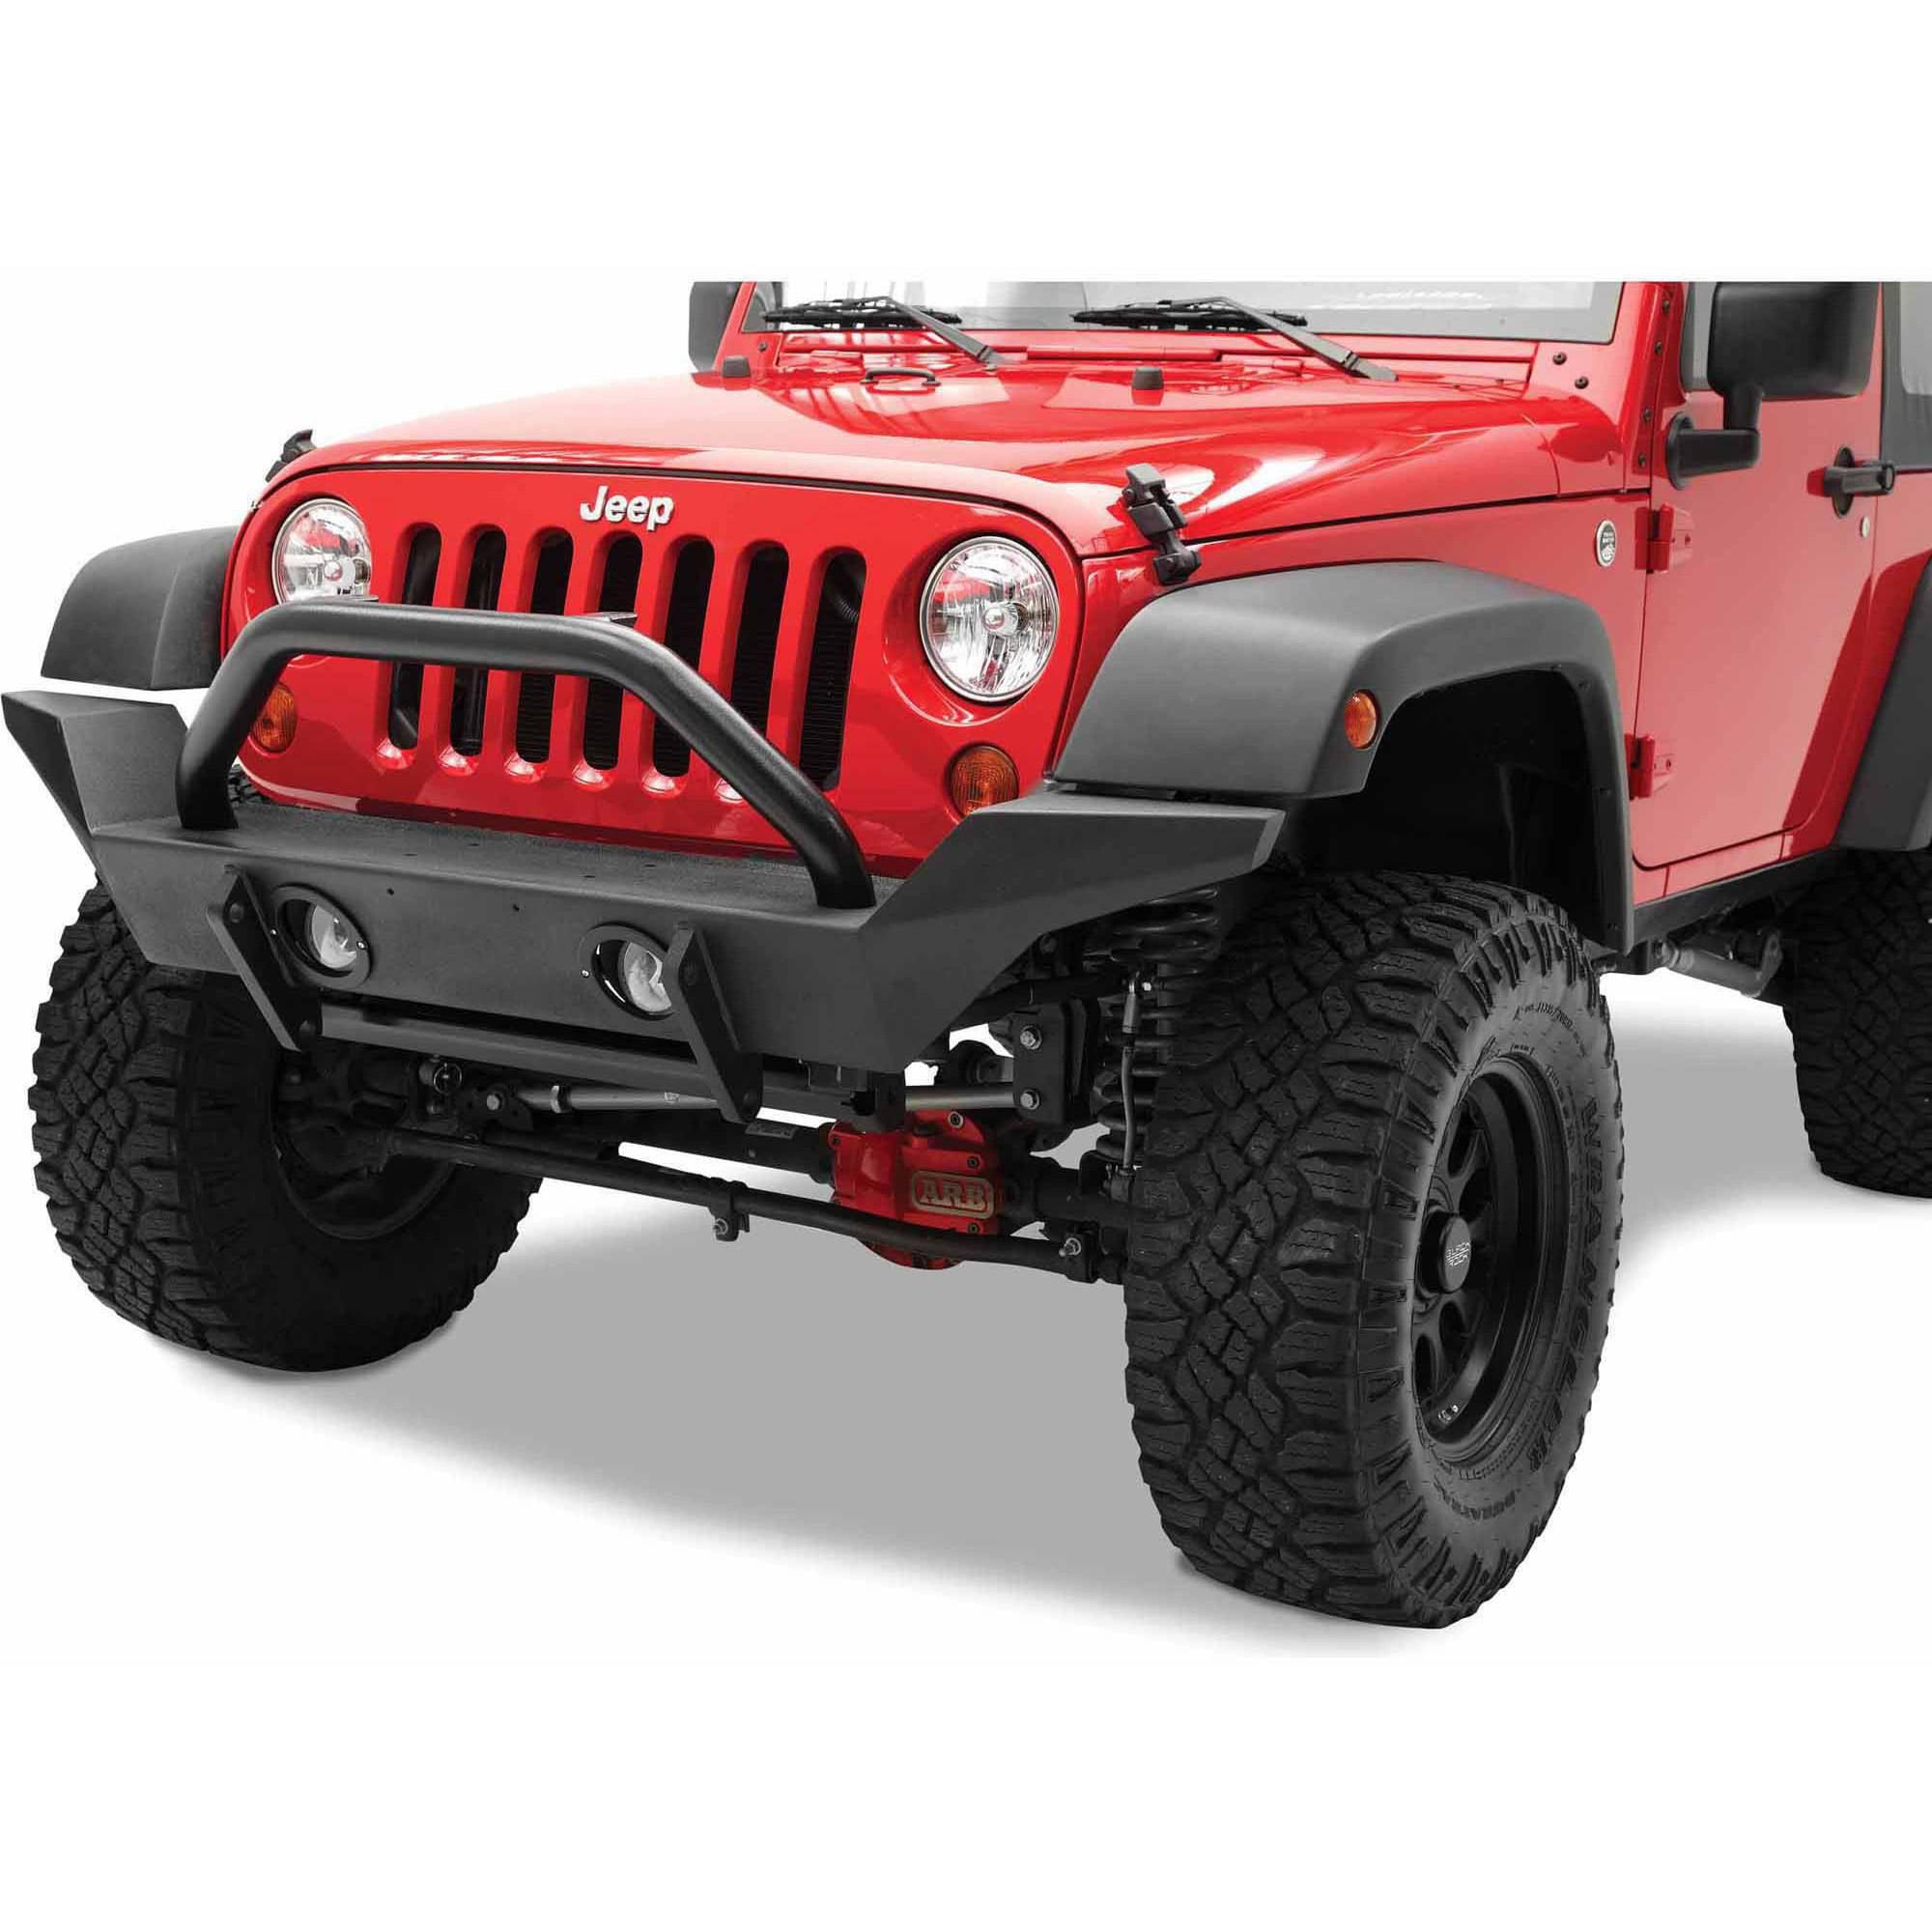 Bestop 44918-01 Wrangler 2-Door/4-Door Highrock 4X4 Front Bumper, High-Access Design